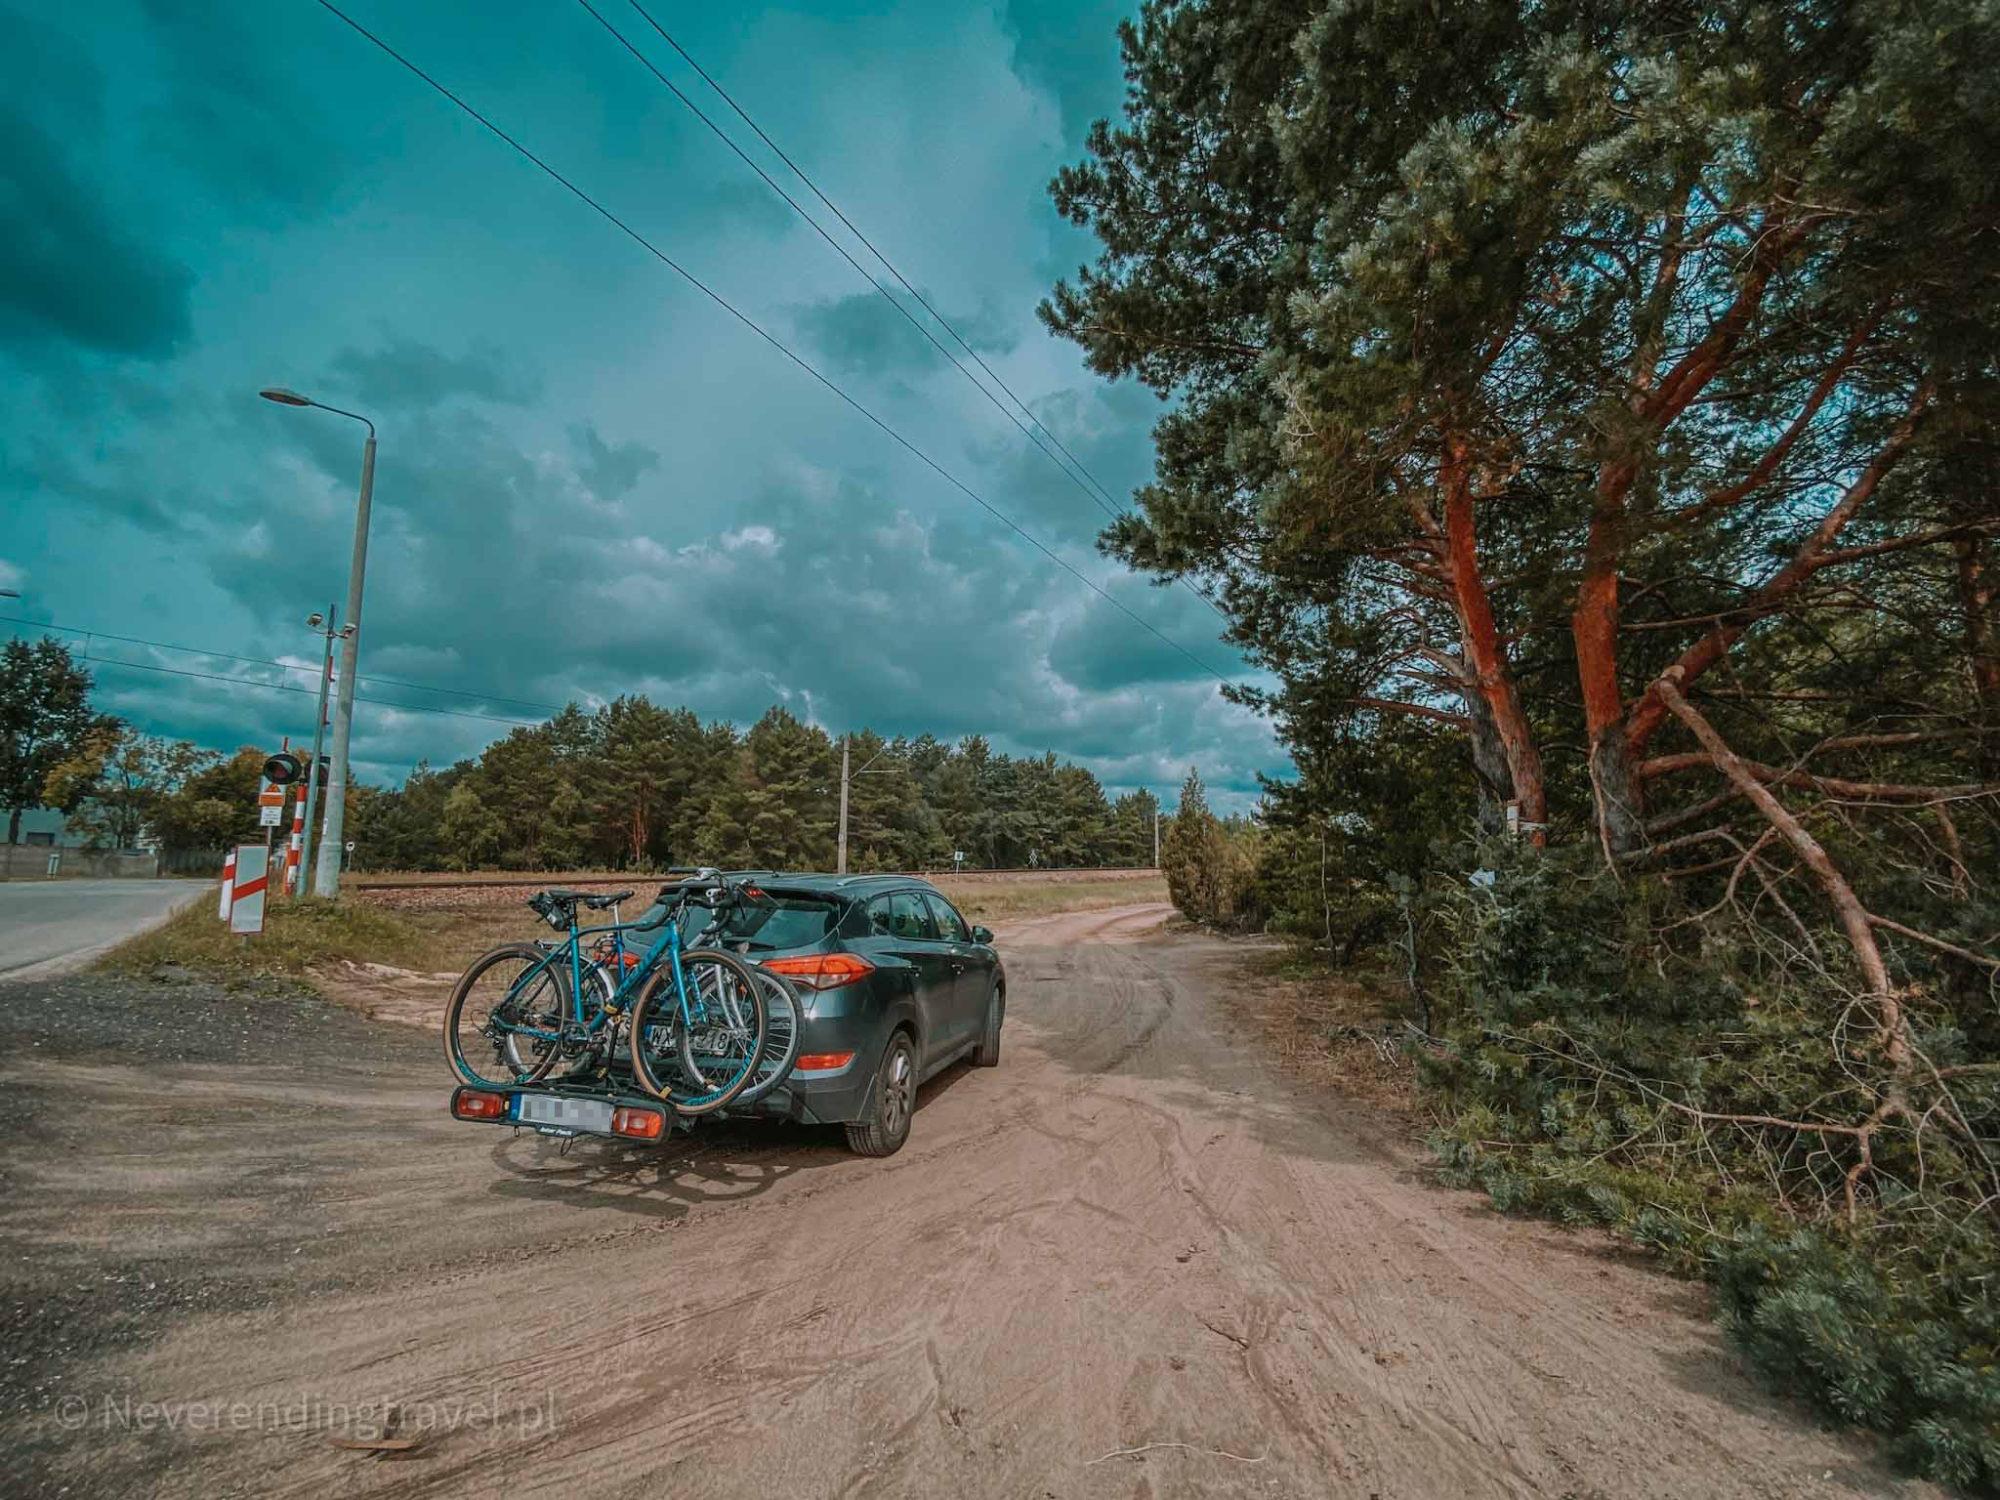 wrzosowisko mostówka pod Warszawą, parking. największe w Polsce, plener, sesja, na weekend z Warszawy, wrzosy, drzewa, wycieczka